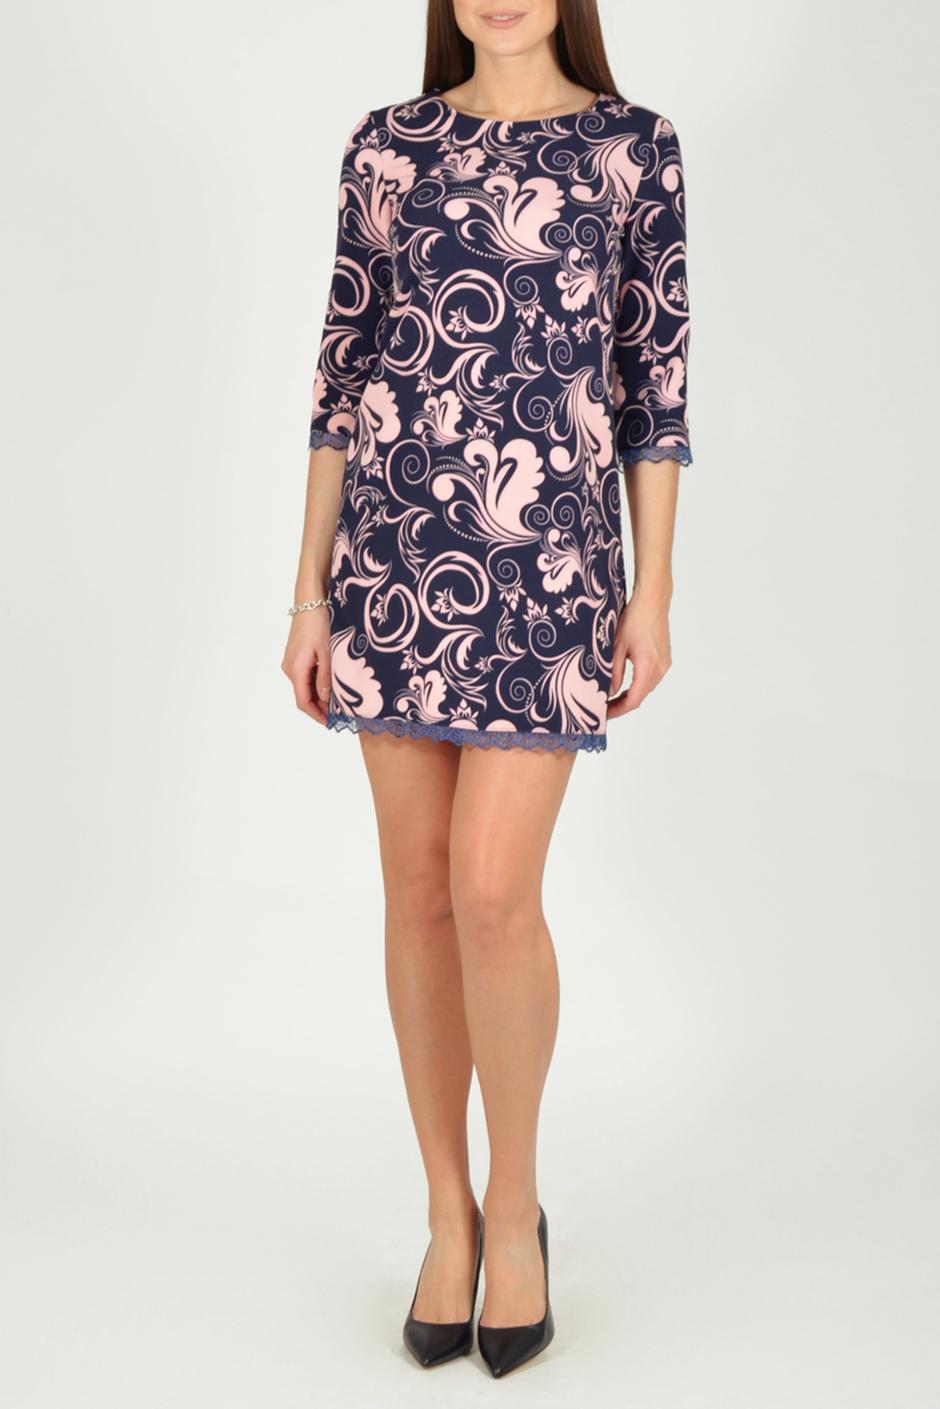 ПлатьеПлатья<br>Цветное платье футлярного типа с гипюром по низу изделия. Модель выполнена из приятного материала. Отличный выбор для любого случая.  В изделии использованы цвета: темно-синий, розовый  Рост девушки-фотомодели 170 см.  Параметры размеров: 42 размер - обхват груди 84 см., обхват талии 66 см., обхват бедер 92 см. 44 размер - обхват груди 88 см., обхват талии 70 см., обхват бедер 96 см. 46 размер - обхват груди 92 см., обхват талии 74 см., обхват бедер 100 см. 48 размер - обхват груди 96 см., обхват талии 78 см., обхват бедер 104 см. 50 размер - обхват груди 100 см., обхват талии 82 см., обхват бедер 108 см. 52 размер - обхват груди 104 см., обхват талии 86 см., обхват бедер 112 см. 54 размер - обхват груди 108 см., обхват талии 91 см., обхват бедер 116 см. 56 размер - обхват груди 112 см., обхват талии 95 см., обхват бедер 120 см. 58 размер - обхват груди 116 см., обхват талии 100 см., обхват бедер 124 см. 60 размер - обхват груди 120 см., обхват талии 105 см., обхват бедер 128 см.<br><br>Горловина: С- горловина<br>По длине: До колена<br>По материалу: Тканевые<br>По рисунку: С принтом,Цветные<br>По силуэту: Приталенные<br>По стилю: Нарядный стиль,Повседневный стиль<br>По форме: Платье - футляр<br>По элементам: С декором<br>Рукав: Рукав три четверти<br>По сезону: Осень,Весна<br>Размер : 44,46,48,50,52<br>Материал: Плательная ткань + Гипюр<br>Количество в наличии: 14